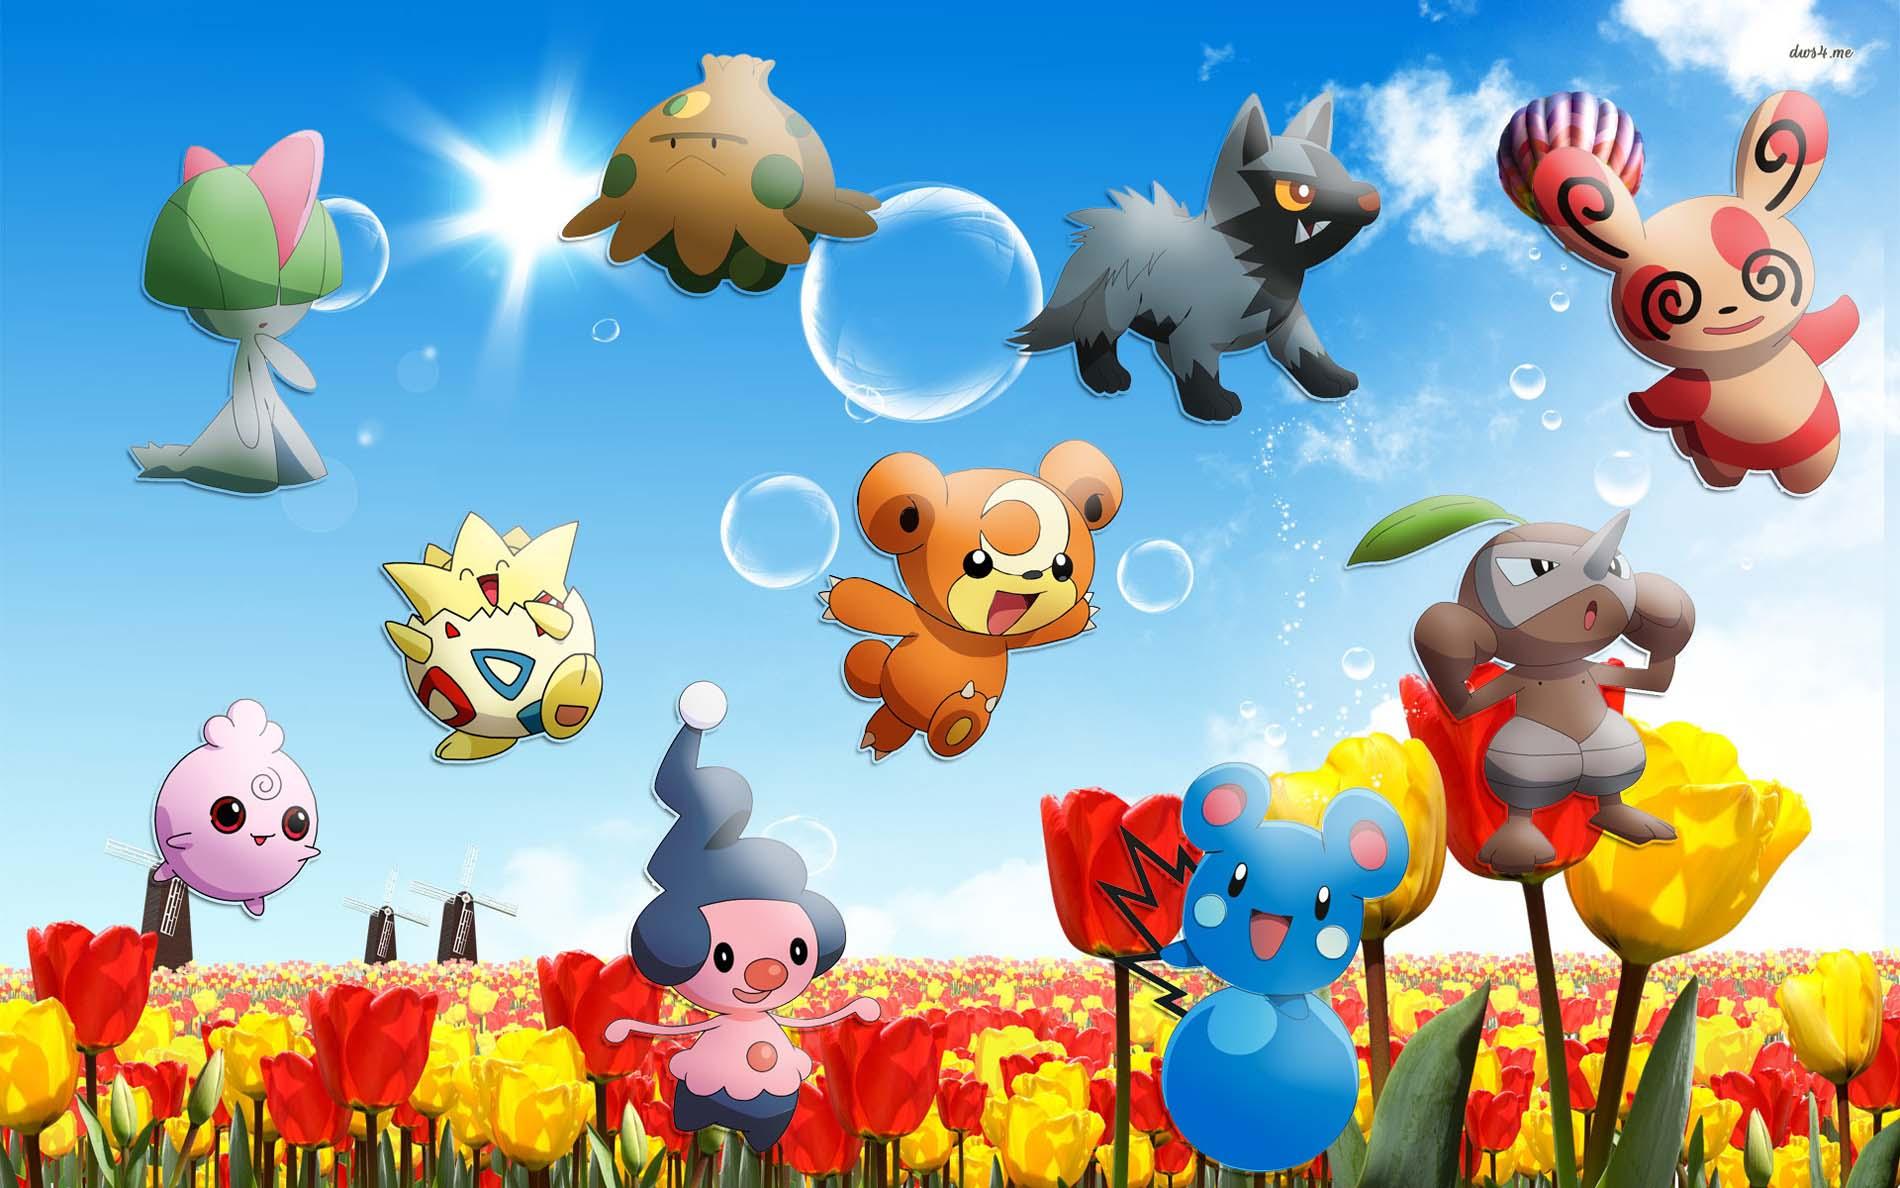 Pikachu Pokemon Wallpaper Download Pikachu Pokemon 1900x1188